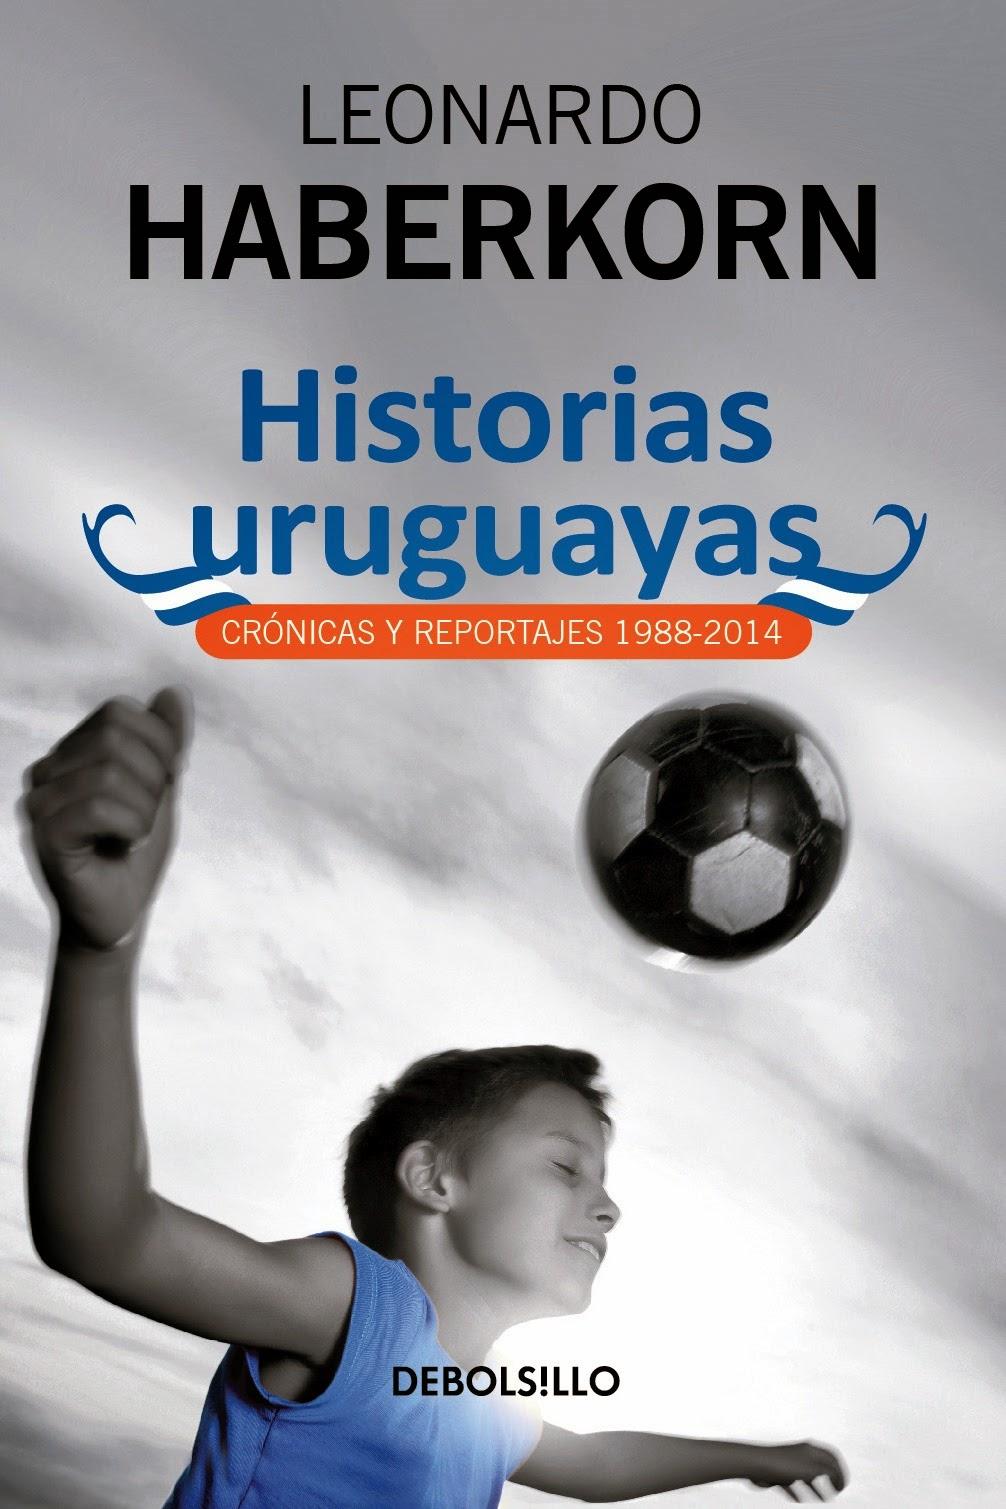 Historias uruguayas, reportajes y crónicas de Leonardo Haberkorn